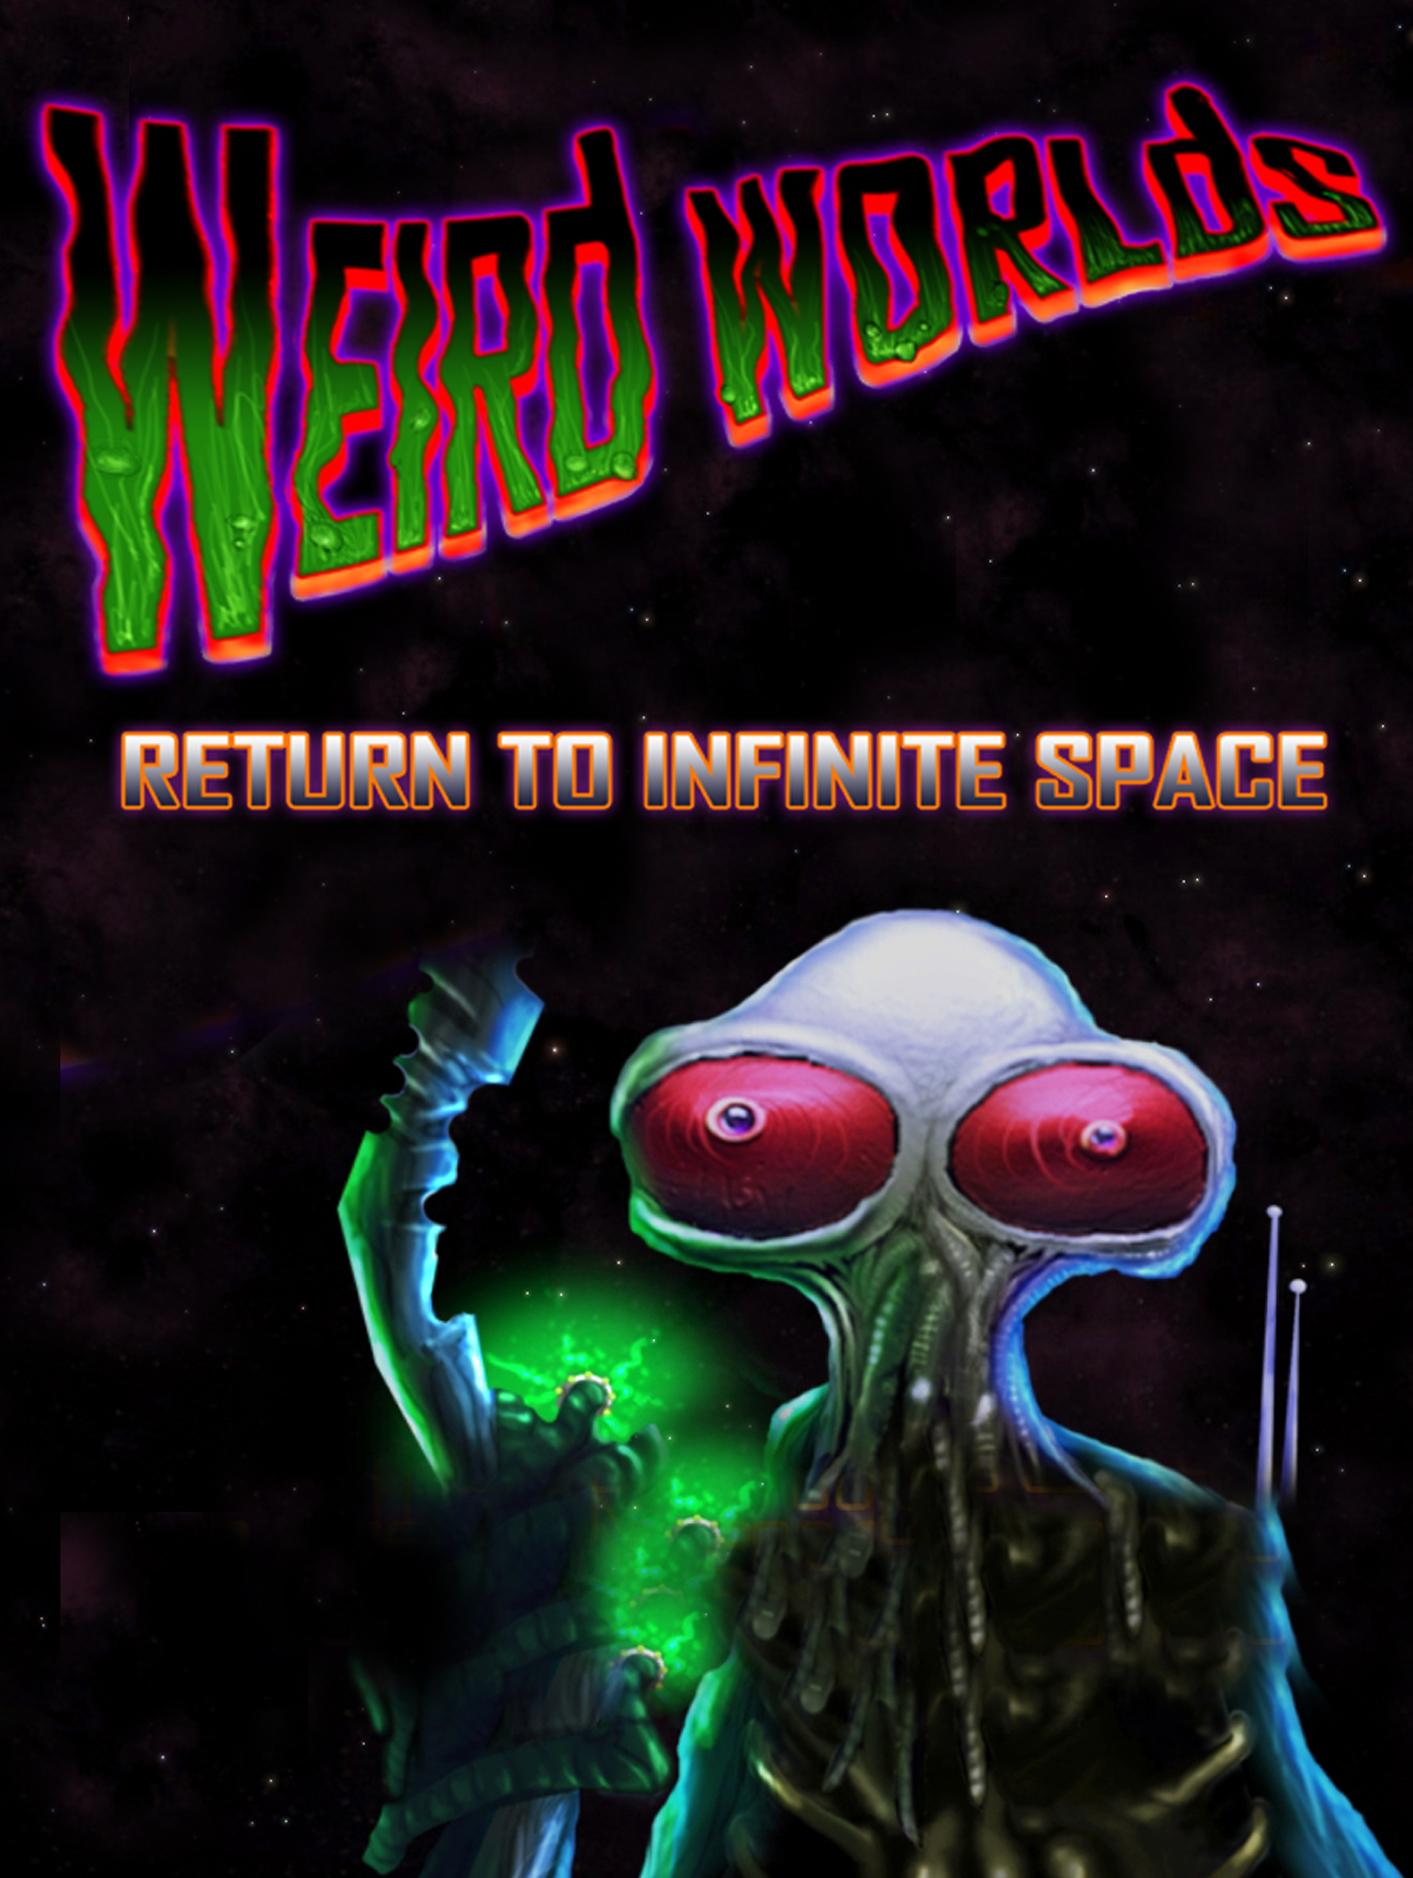 Weird Worlds - Return to Infinite Space